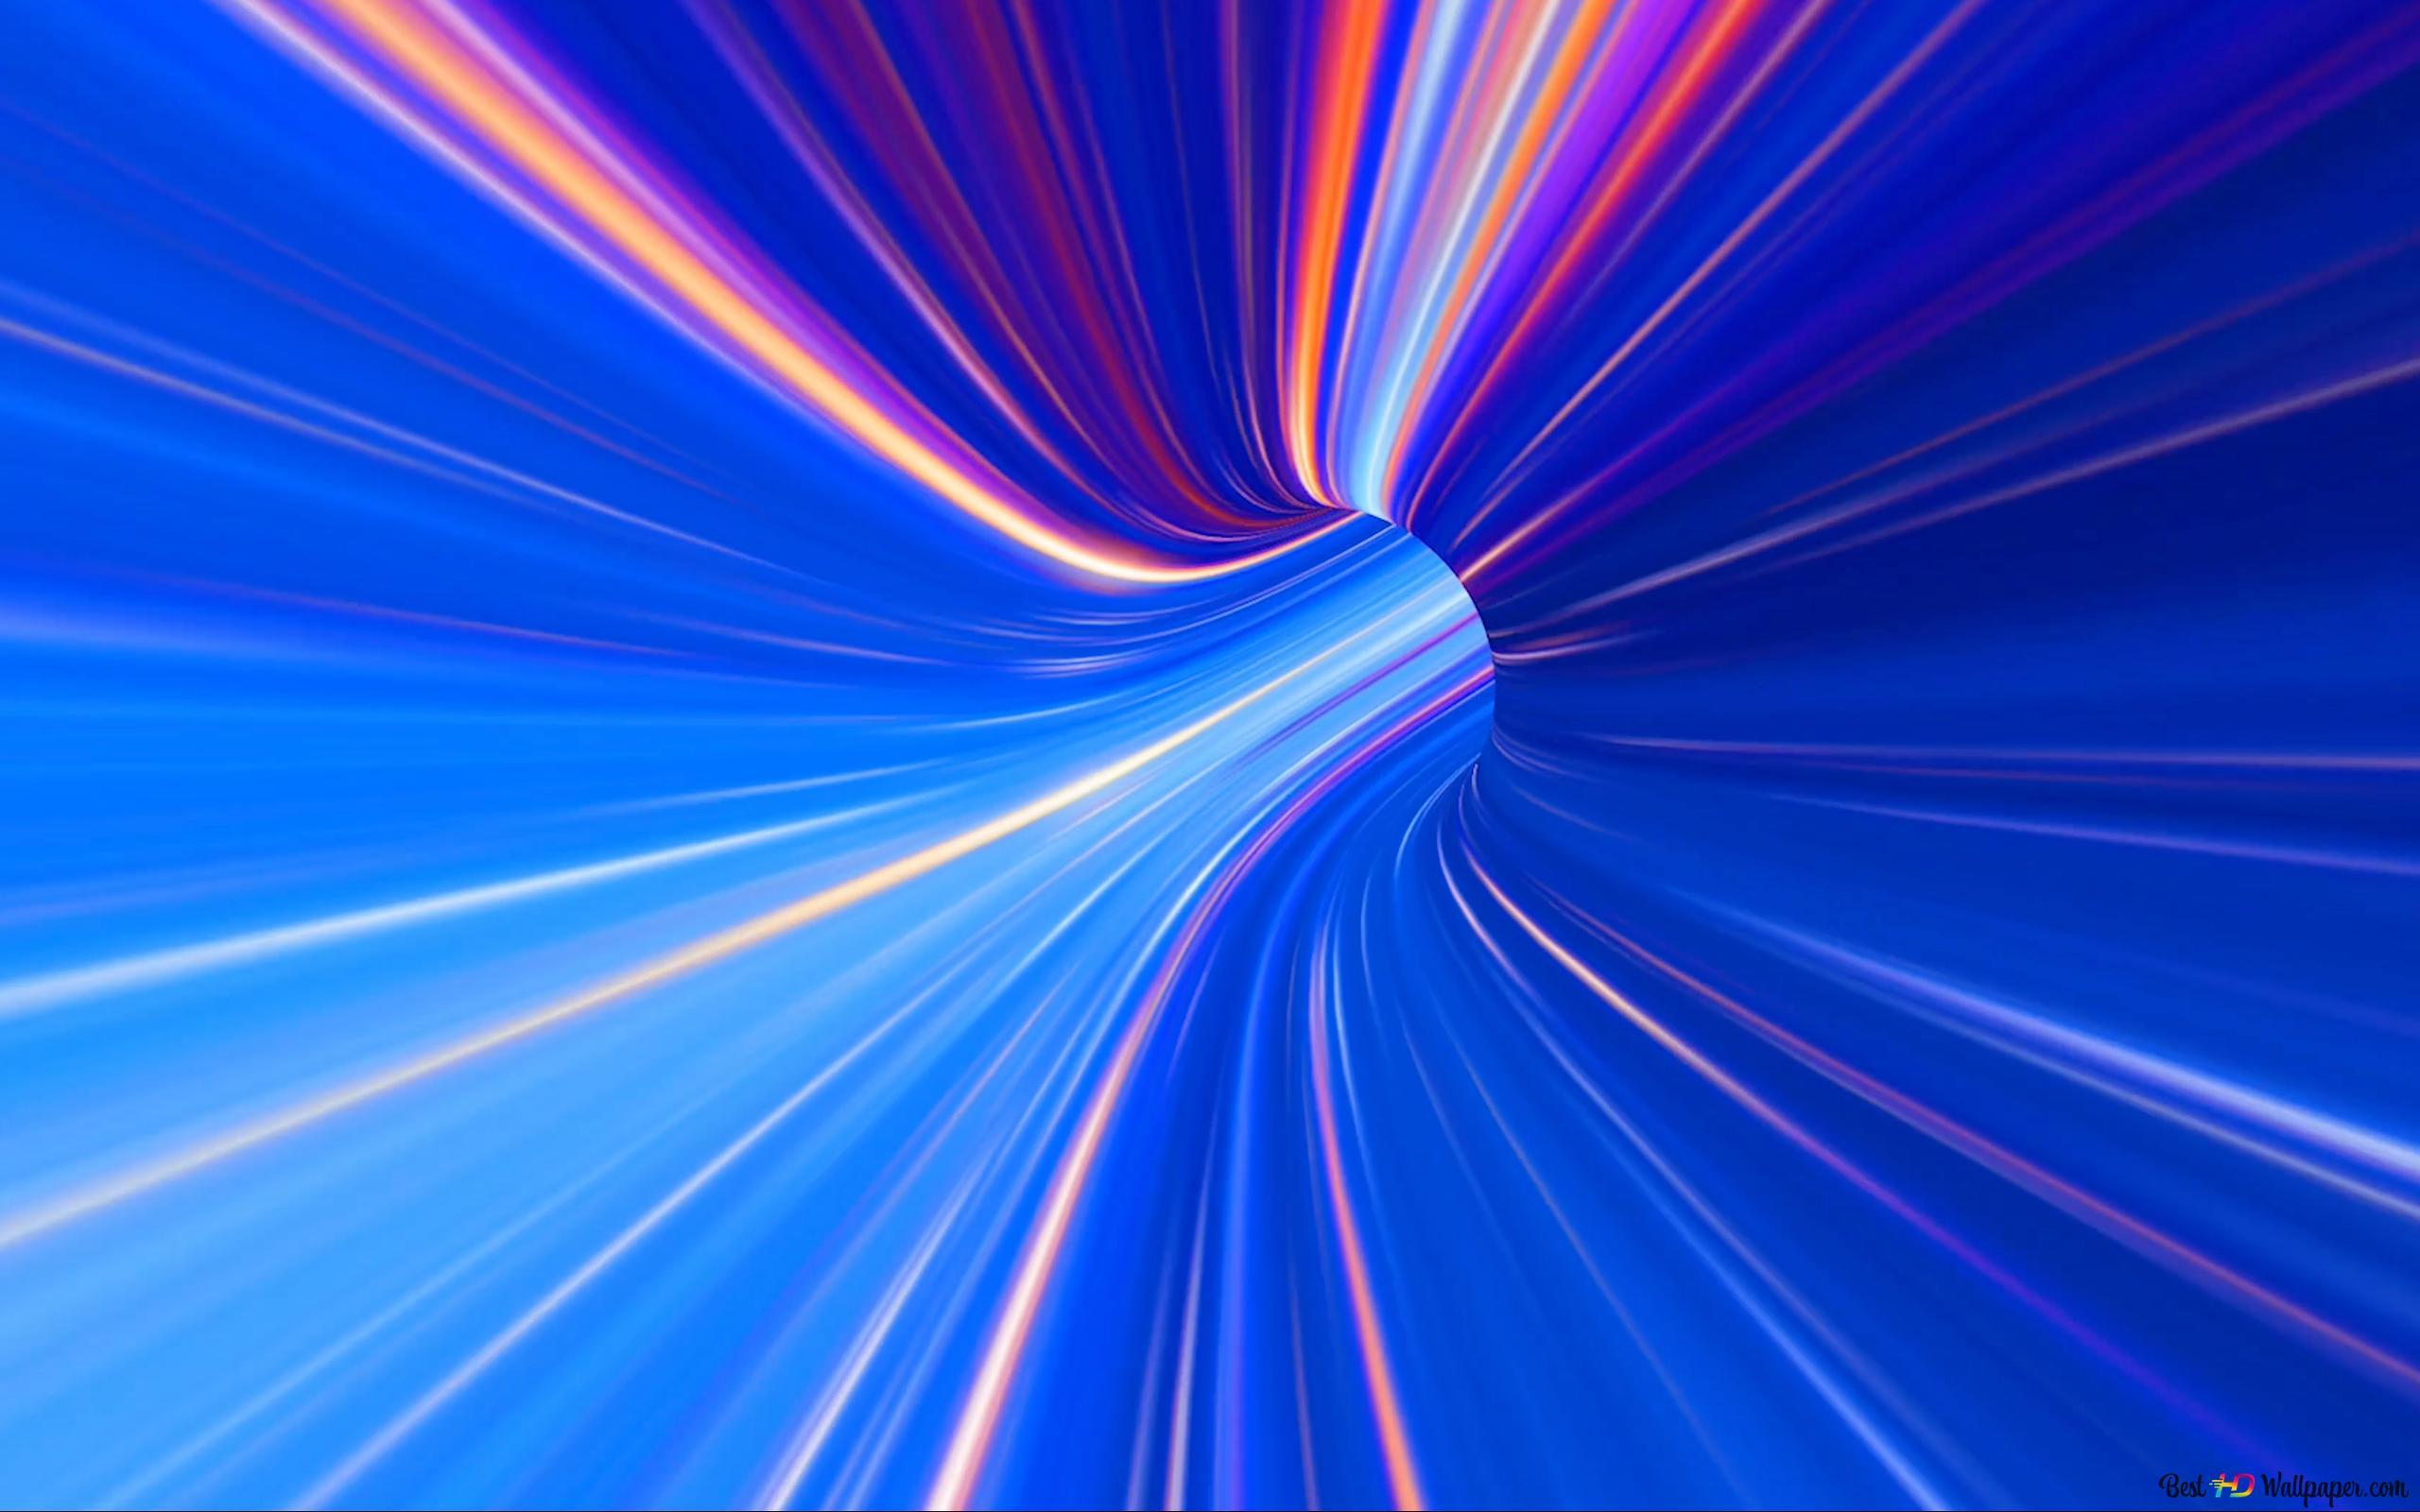 青色スペクトルトンネル Hd壁紙のダウンロード